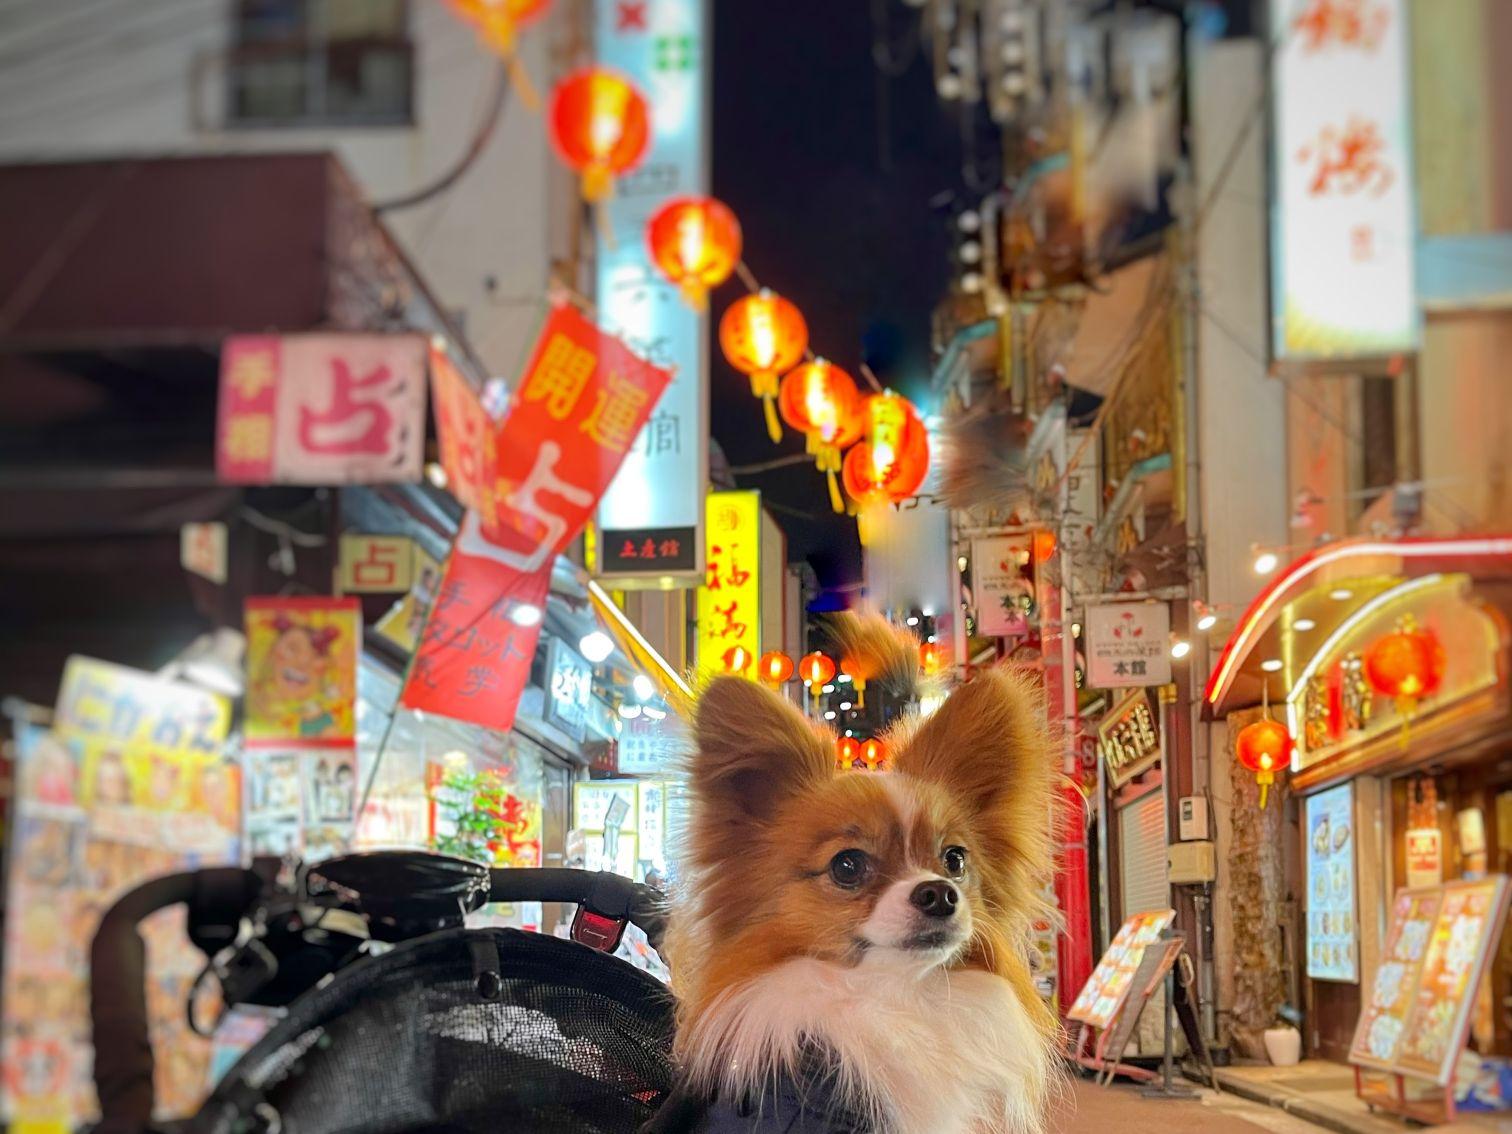 横浜中華街 食べ歩き 美味しい店